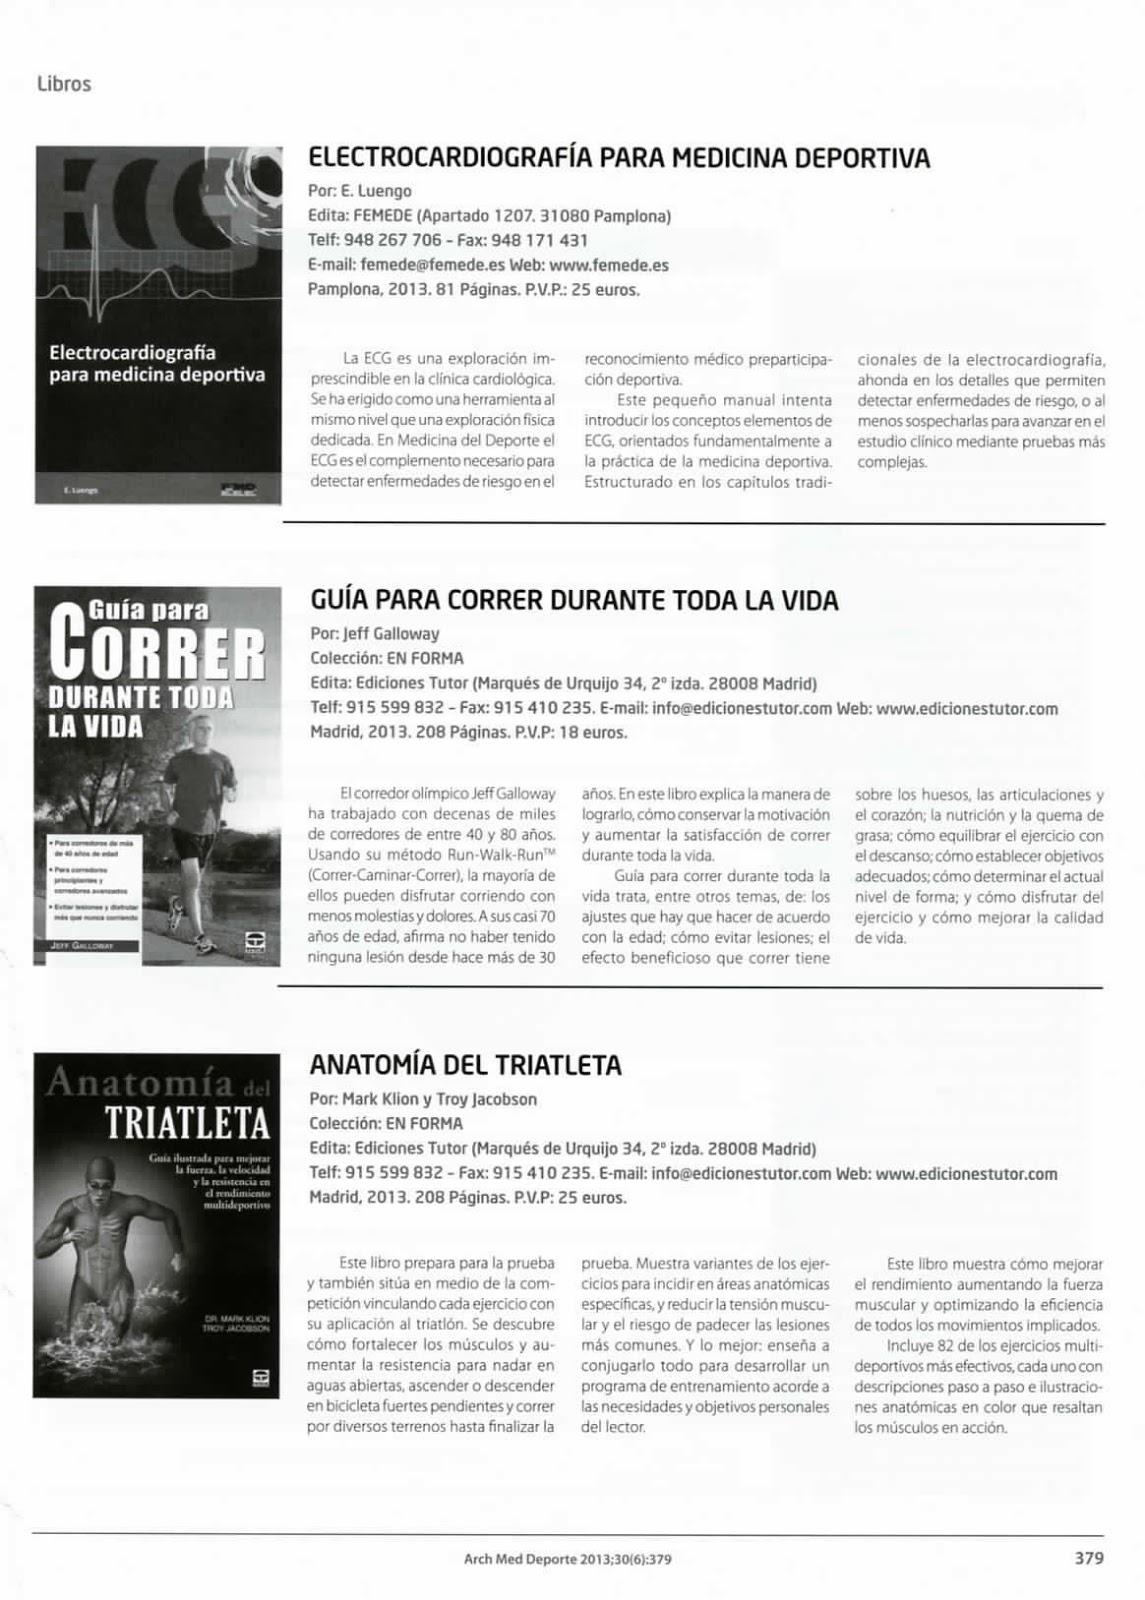 Reseña de los libros Anatomía del triatleta y Guía para correr durante toda  la vida en Archivos Medicina del deporte. Noviembre diciembre 2013